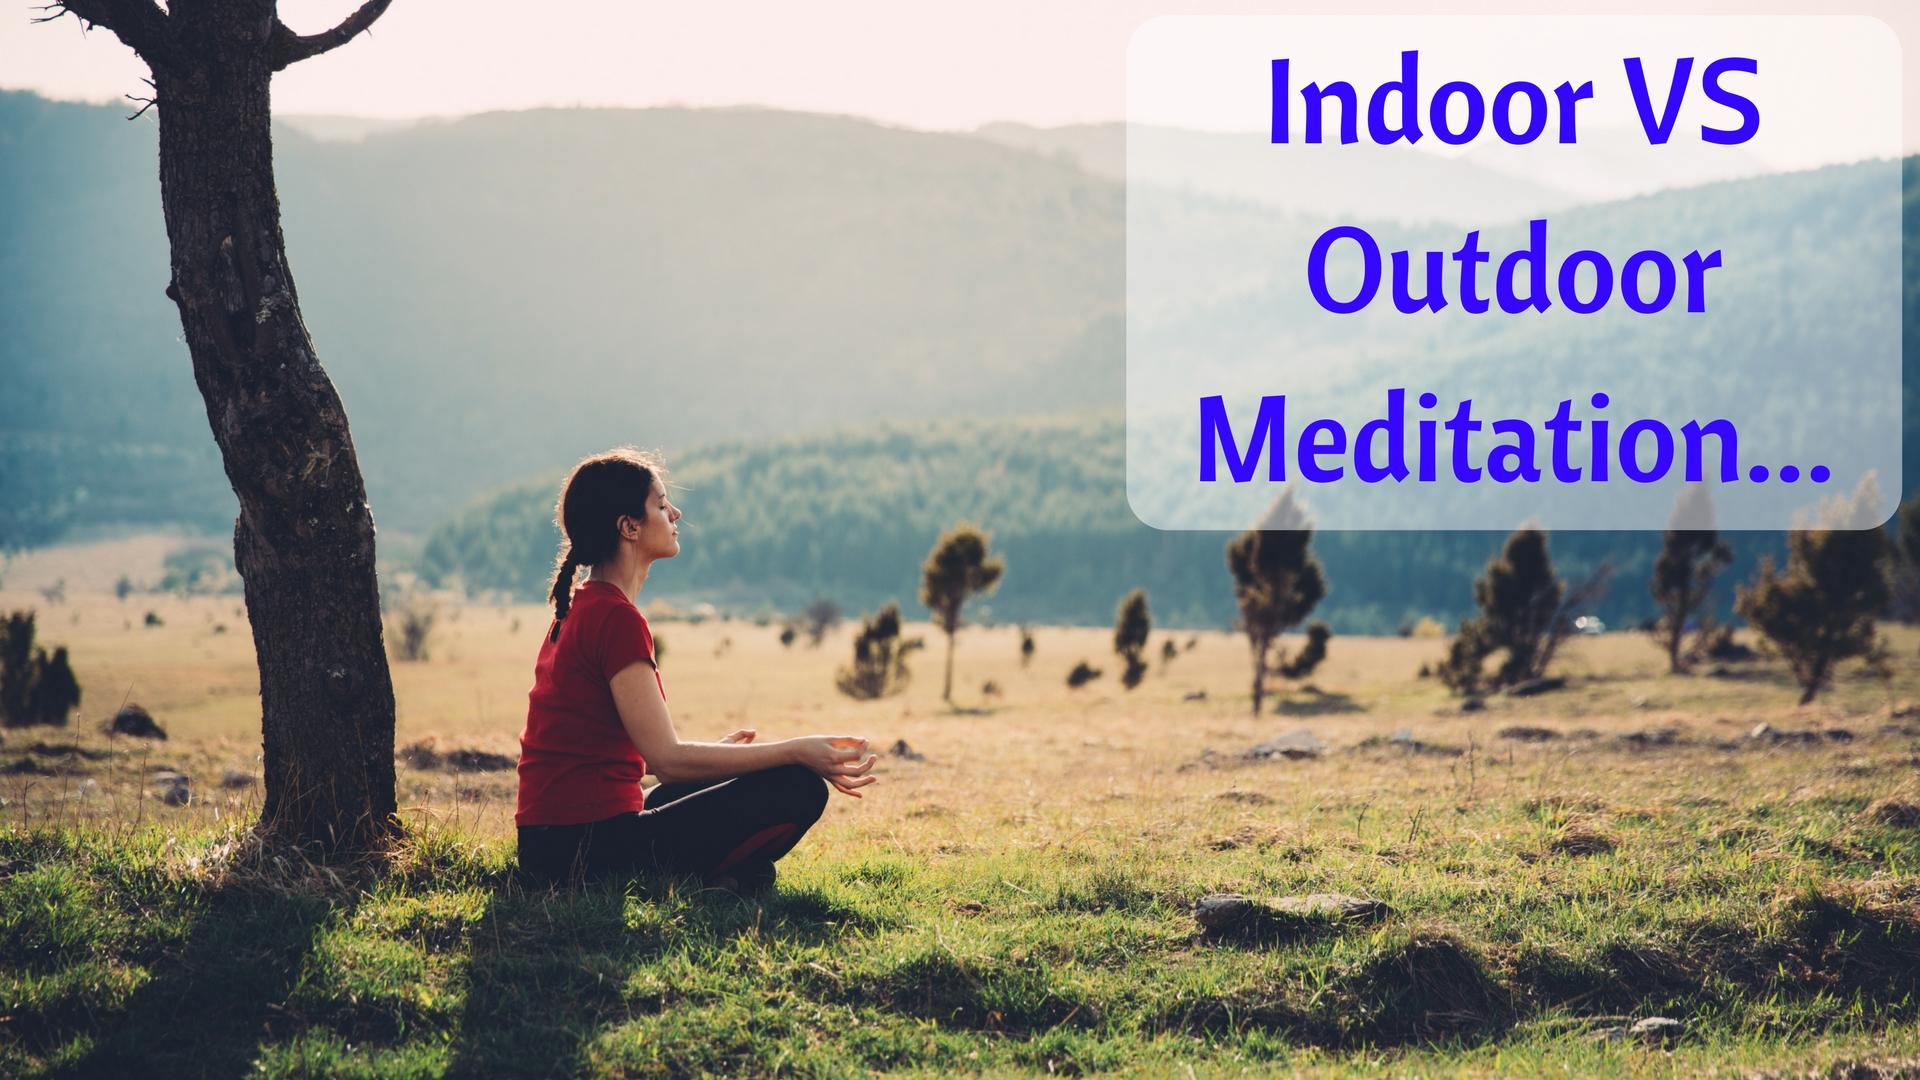 Indoor VS Outdoor Meditation...